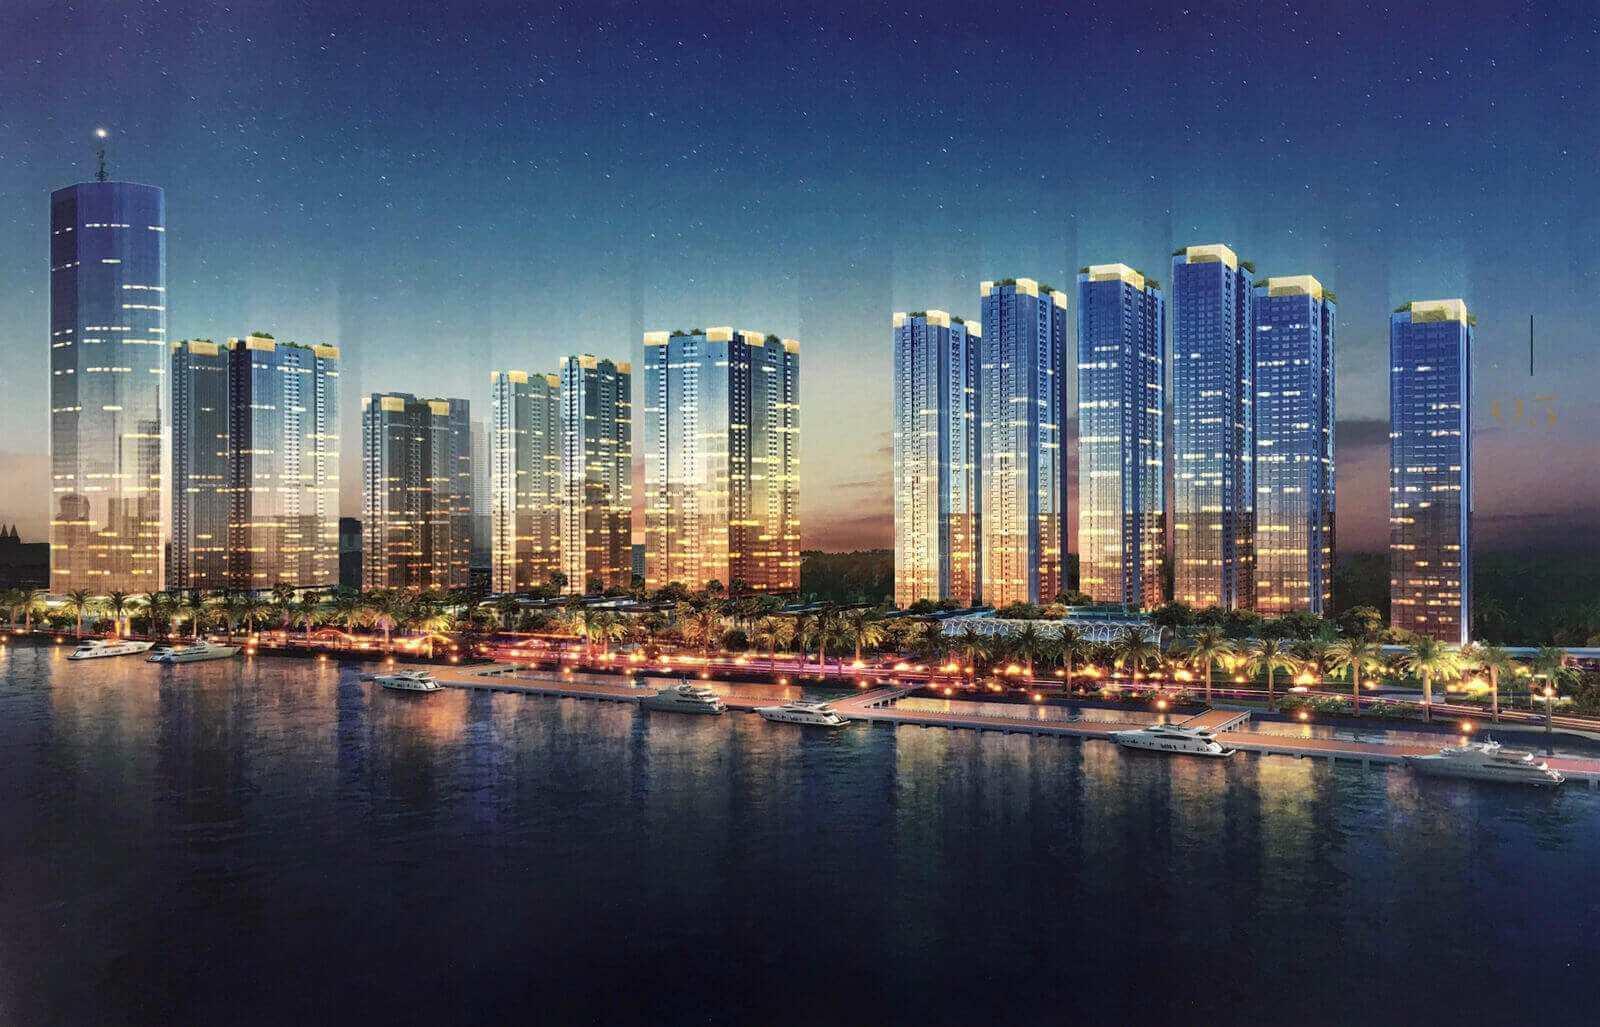 golden river bg compressed 1 - Thị trường bất động sản trong nước sẽ được làm ấm nhờ tốc độ đô thị hóa